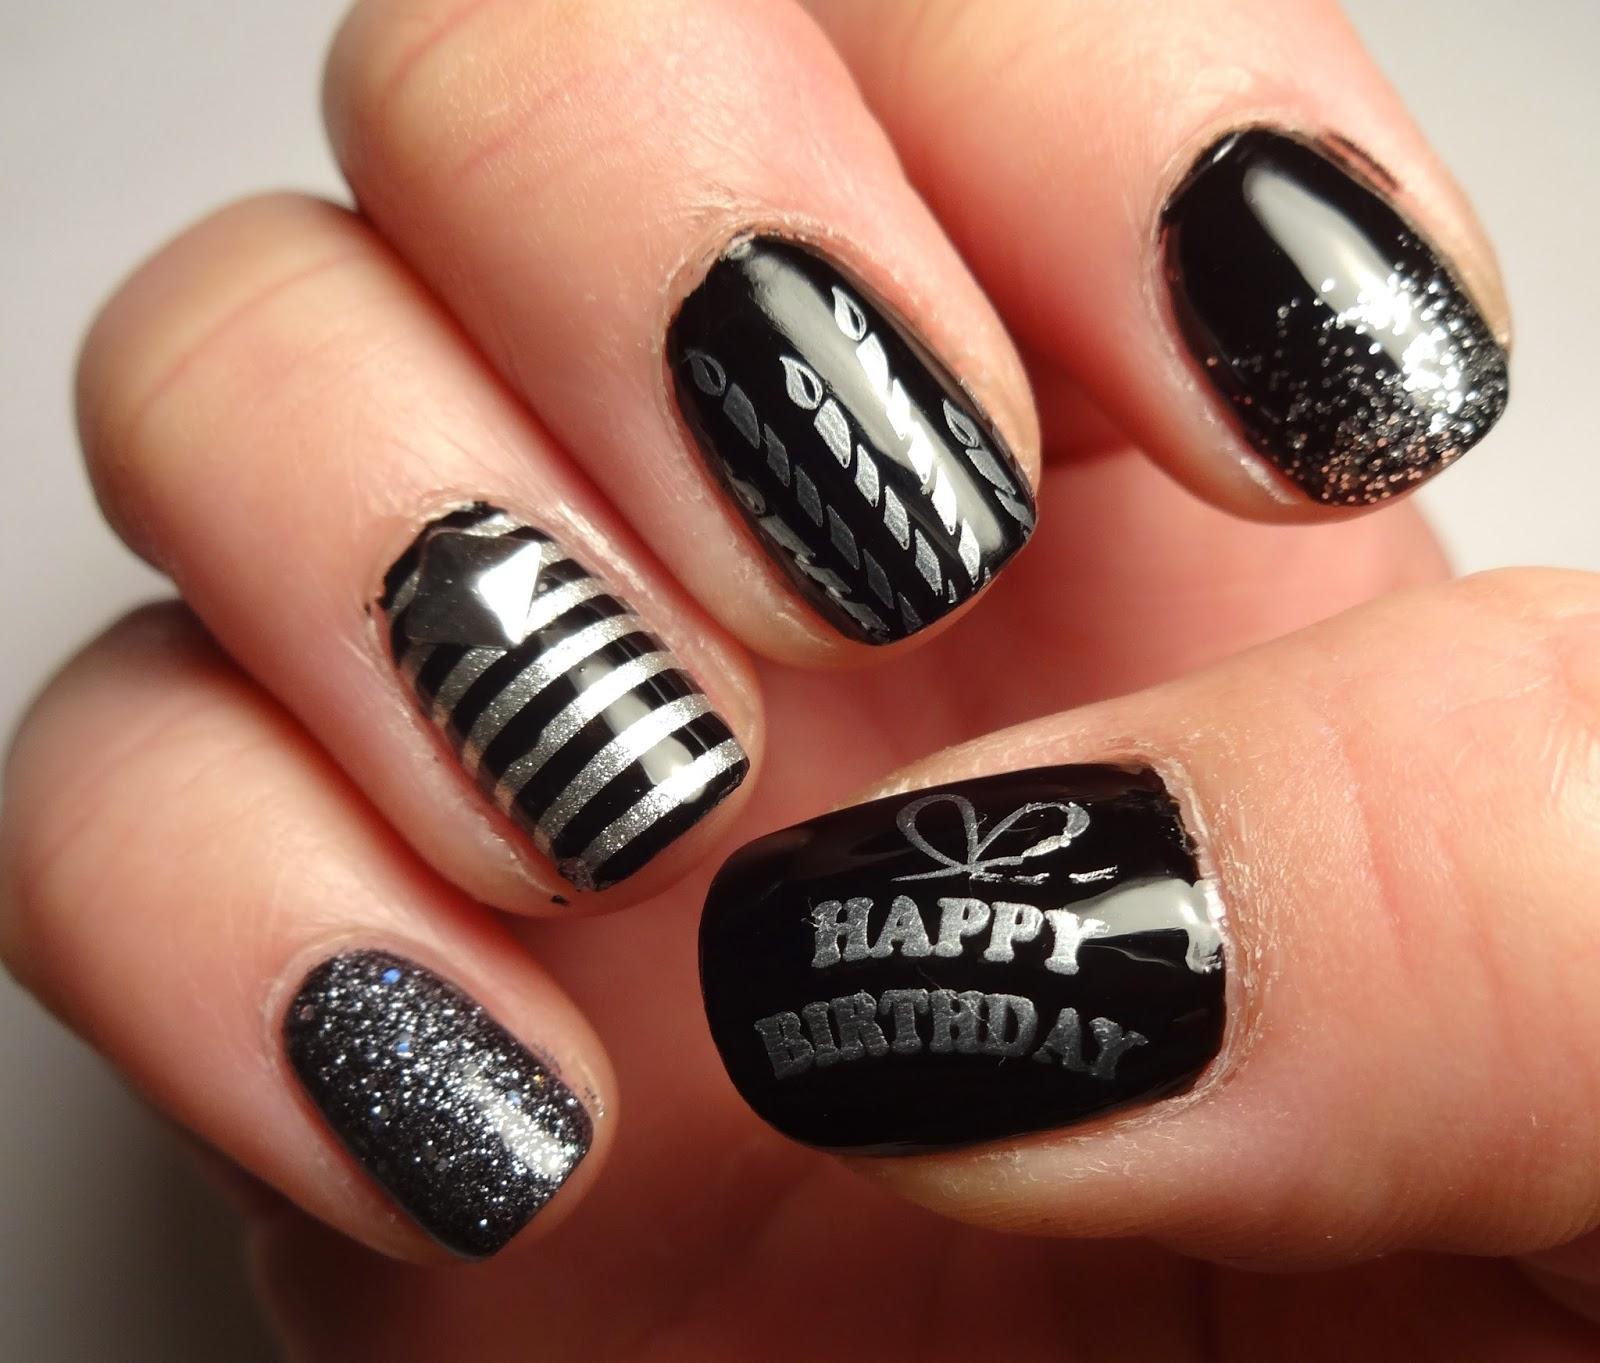 Happy Birthday Nails: Nail Art Blog: Birthday Swank